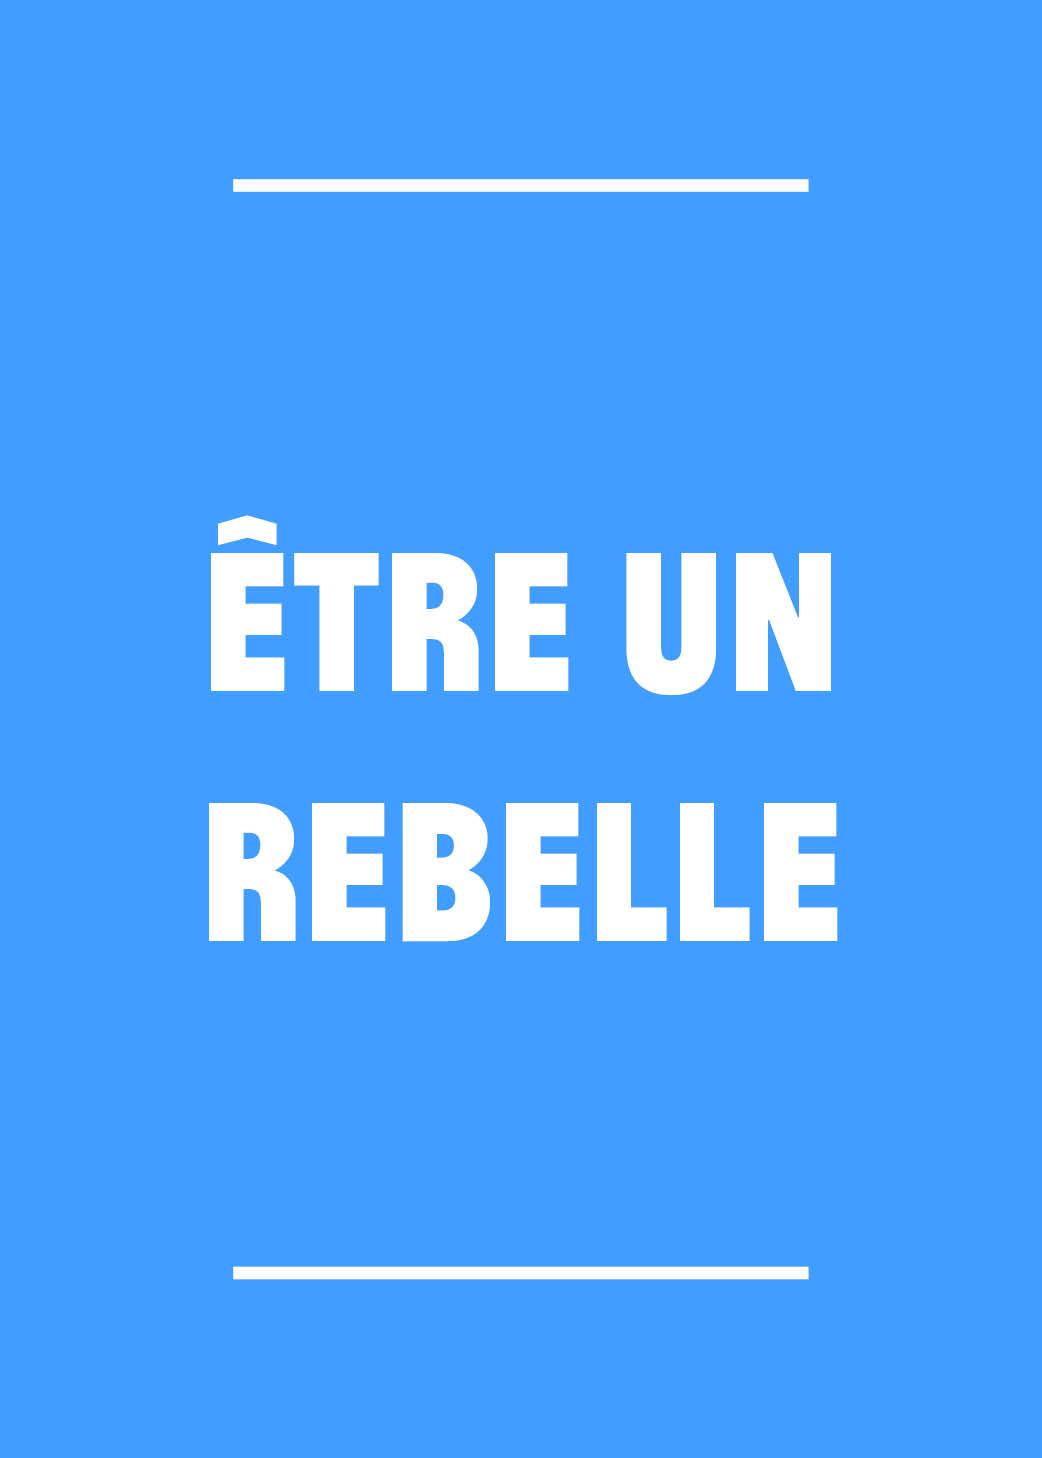 Je suis un rebelle